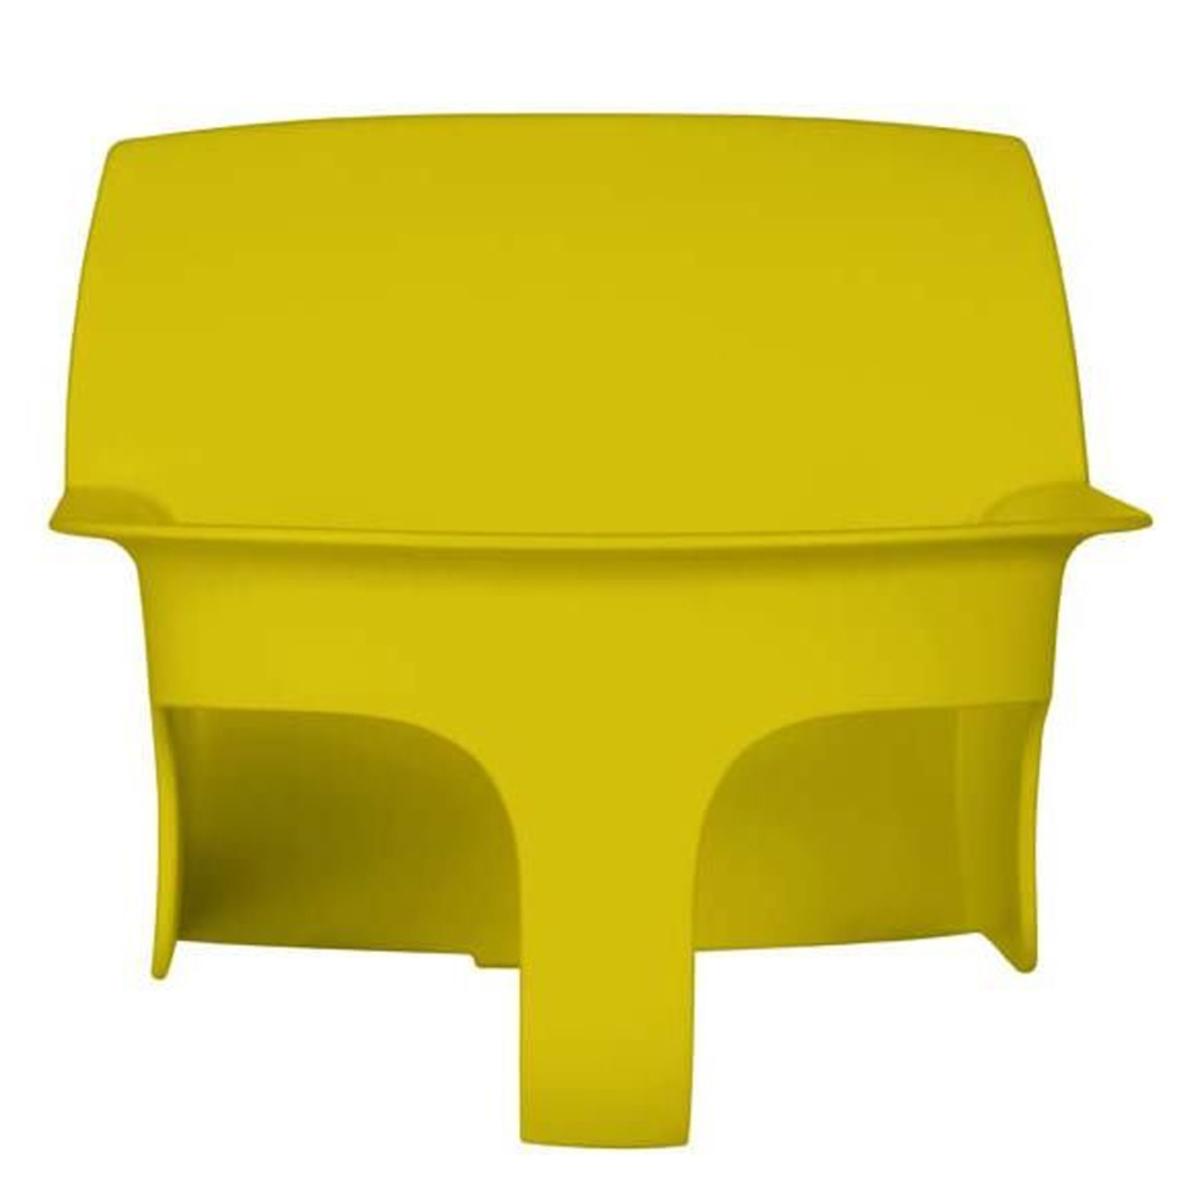 Chaise haute Set Bébé Lemo - Canary Yellow Set Bébé Lemo - Canary Yellow